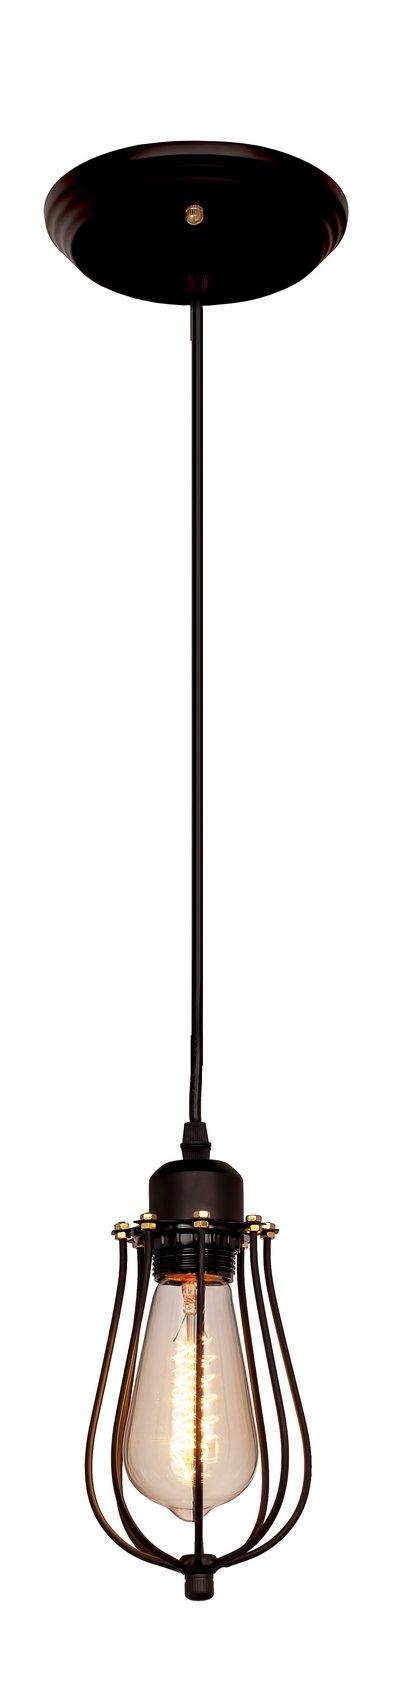 Подвесной светильник Loft it 1124Подвесные<br>Компания «Светодом» предлагает широкий ассортимент люстр от известных производителей. Представленные в нашем каталоге товары выполнены из современных материалов и обладают отличным качеством. Благодаря широкому ассортименту Вы сможете найти у нас люстру под любой интерьер. Мы предлагаем как классические варианты, так и современные модели, отличающиеся лаконичностью и простотой форм.  Стильная люстра Loft it 1127 станет украшением любого дома. Эта модель от известного производителя не оставит равнодушным ценителей красивых и оригинальных предметов интерьера. Люстра Loft it 1127 обеспечит равномерное распределение света по всей комнате. При выборе обратите внимание на характеристики, позволяющие приобрести наиболее подходящую модель. Купить понравившуюся люстру по доступной цене Вы можете в интернет-магазине «Светодом». Мы предлагаем доставку не только по Москве и Екатеринбурге, но и по всей России.<br><br>Установка на натяжной потолок: Да<br>S освещ. до, м2: 3<br>Тип цоколя: E27<br>Цвет арматуры: черный матовый<br>Количество ламп: 1<br>Диаметр, мм мм: 140<br>Высота, мм: 300 - 1000<br>MAX мощность ламп, Вт: 60